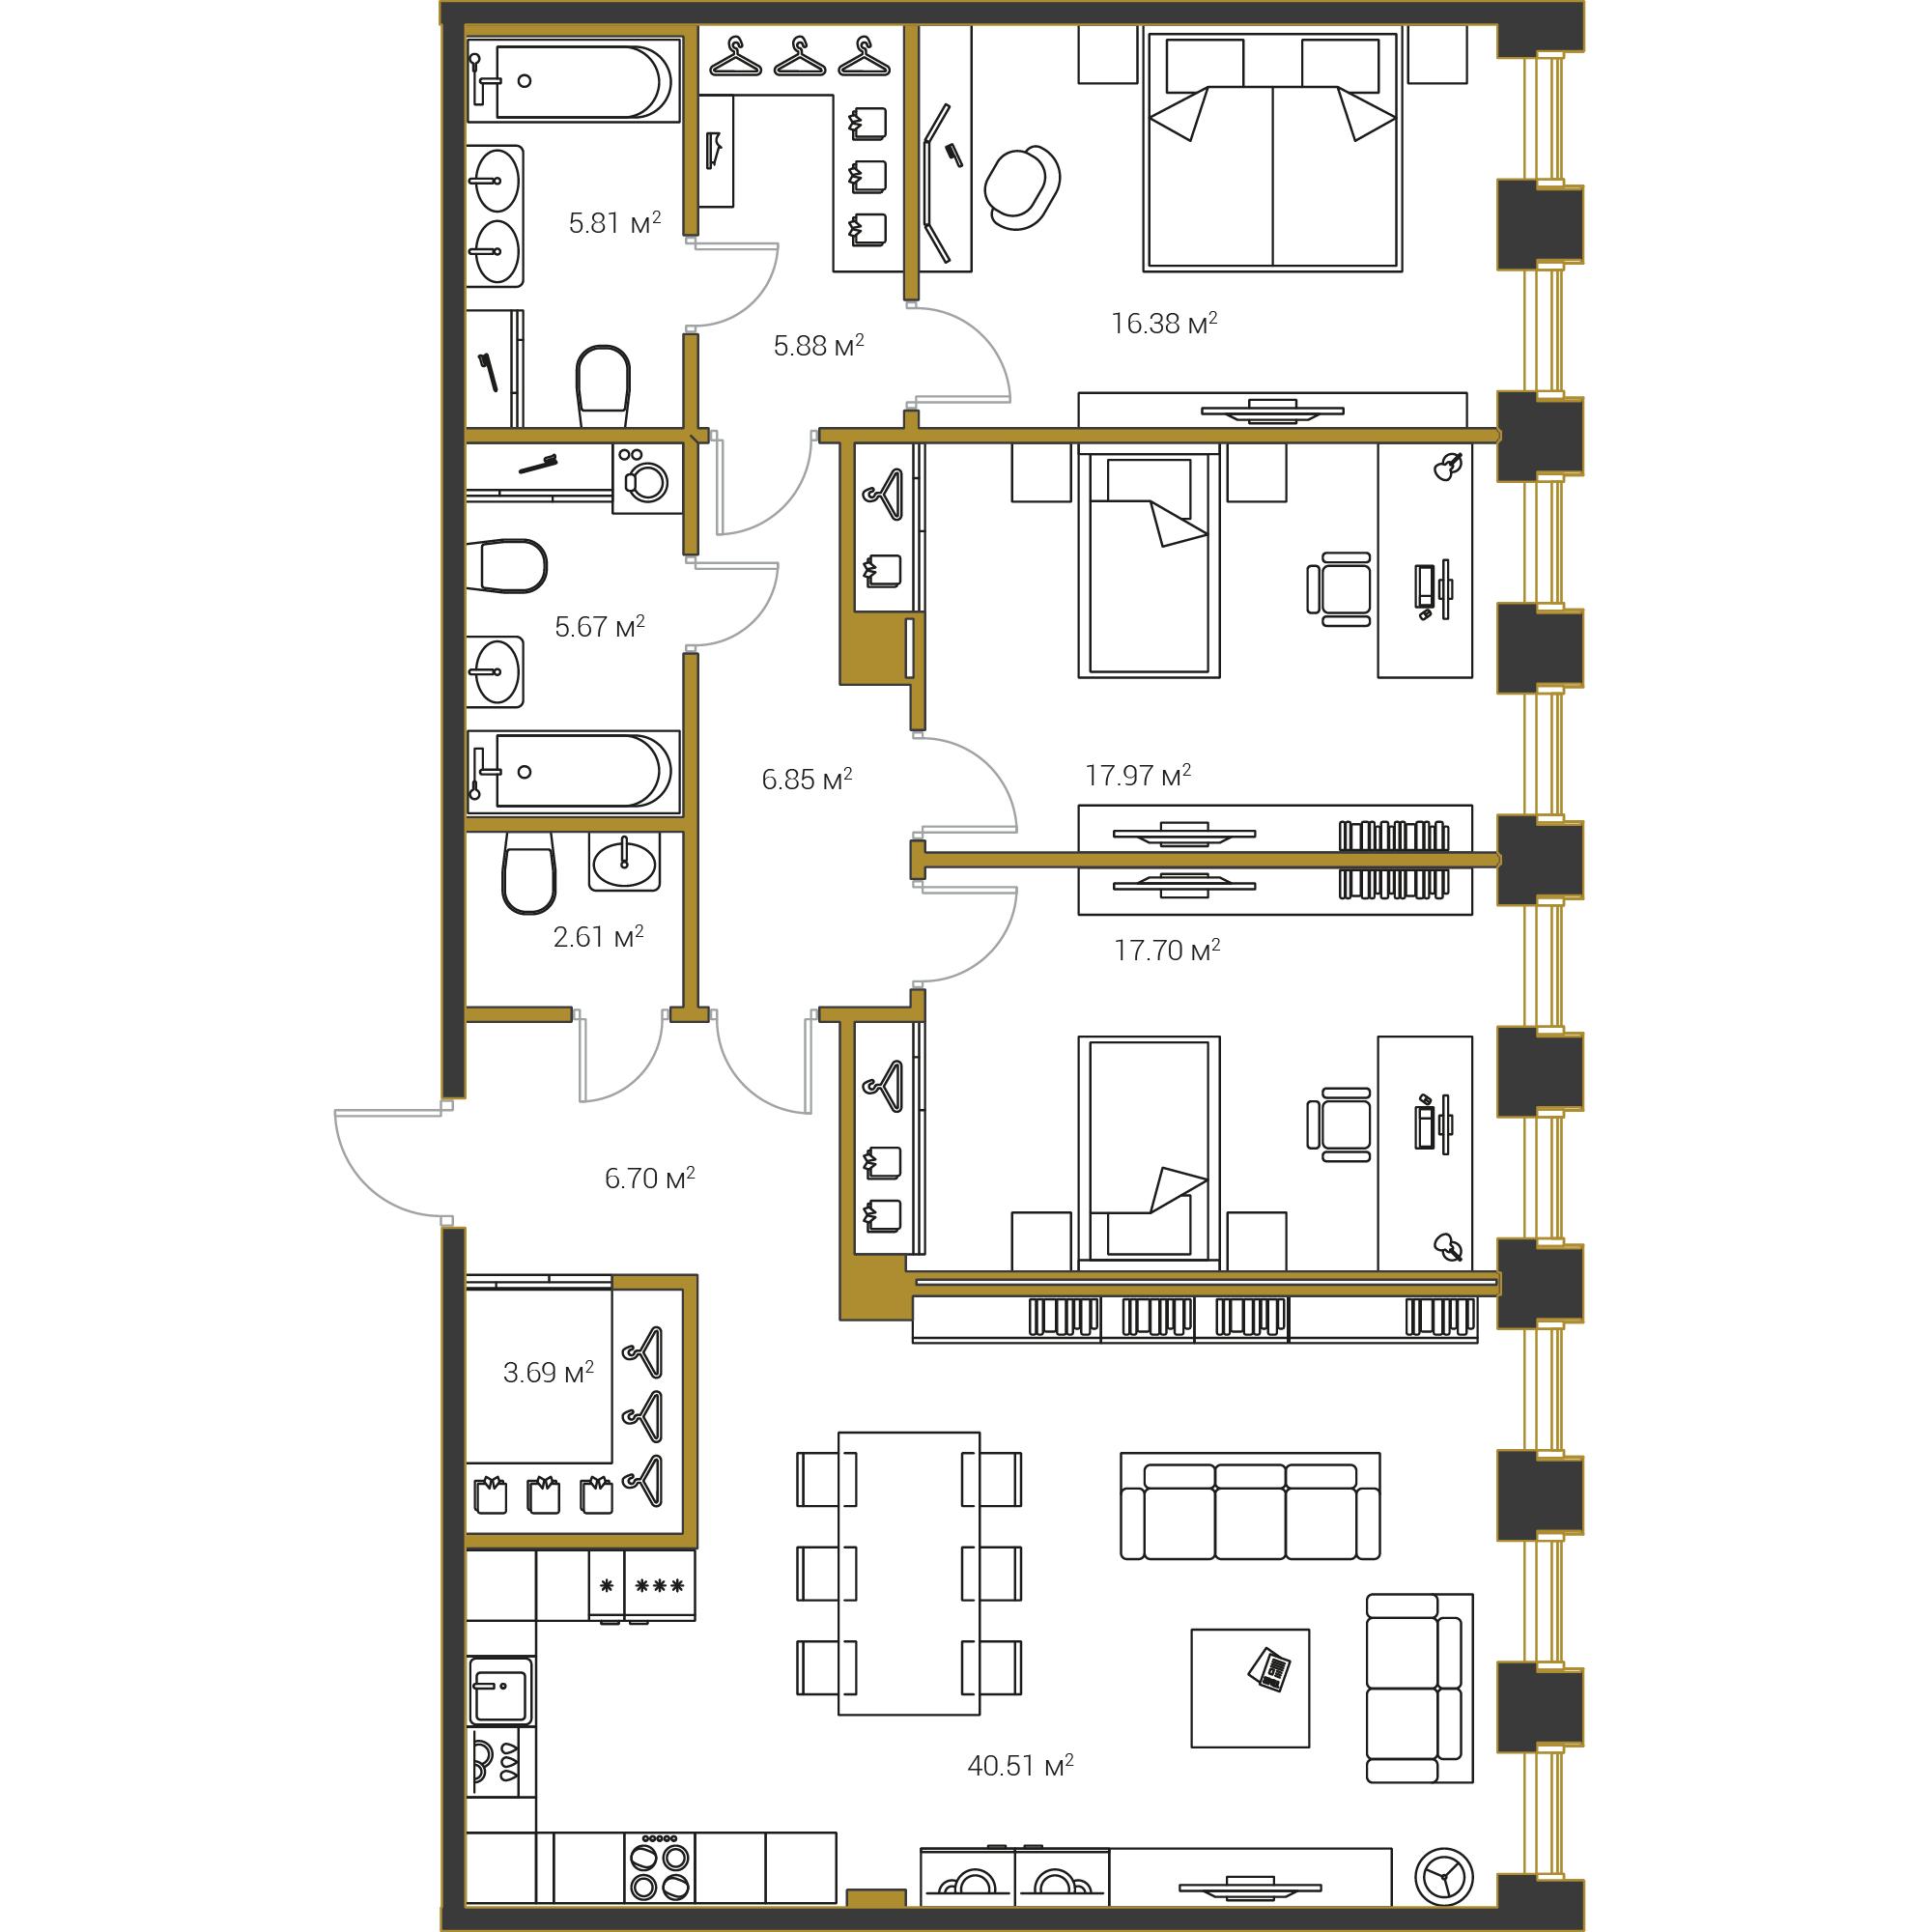 3-комнатная квартира №16 в: Институтский,16: 129.77 м²; этаж: 14 - купить в Санкт-Петербурге